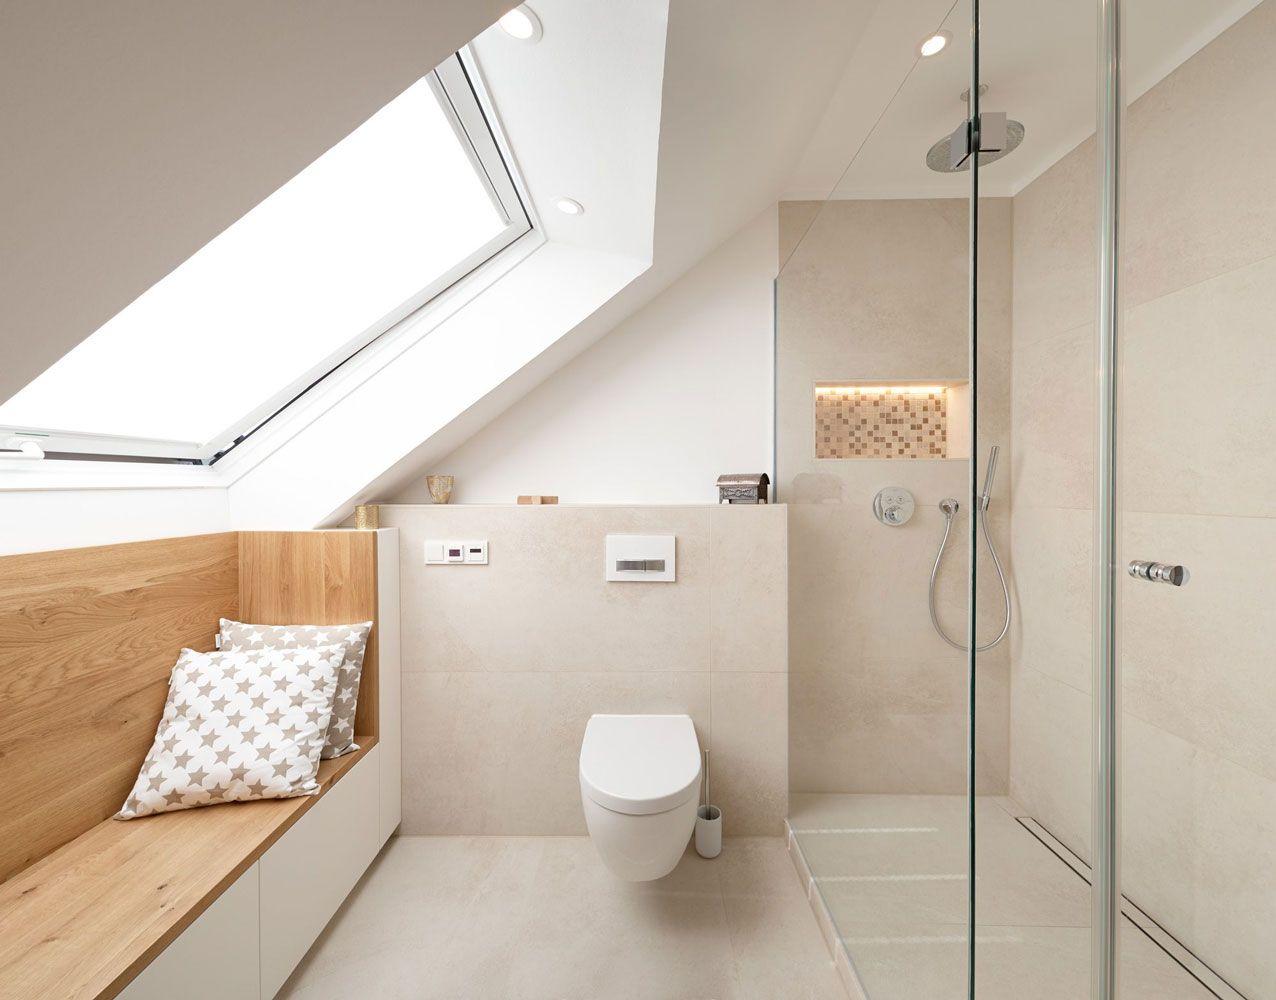 koelnmoebel  möbel  bad  badezimmermöbel in der